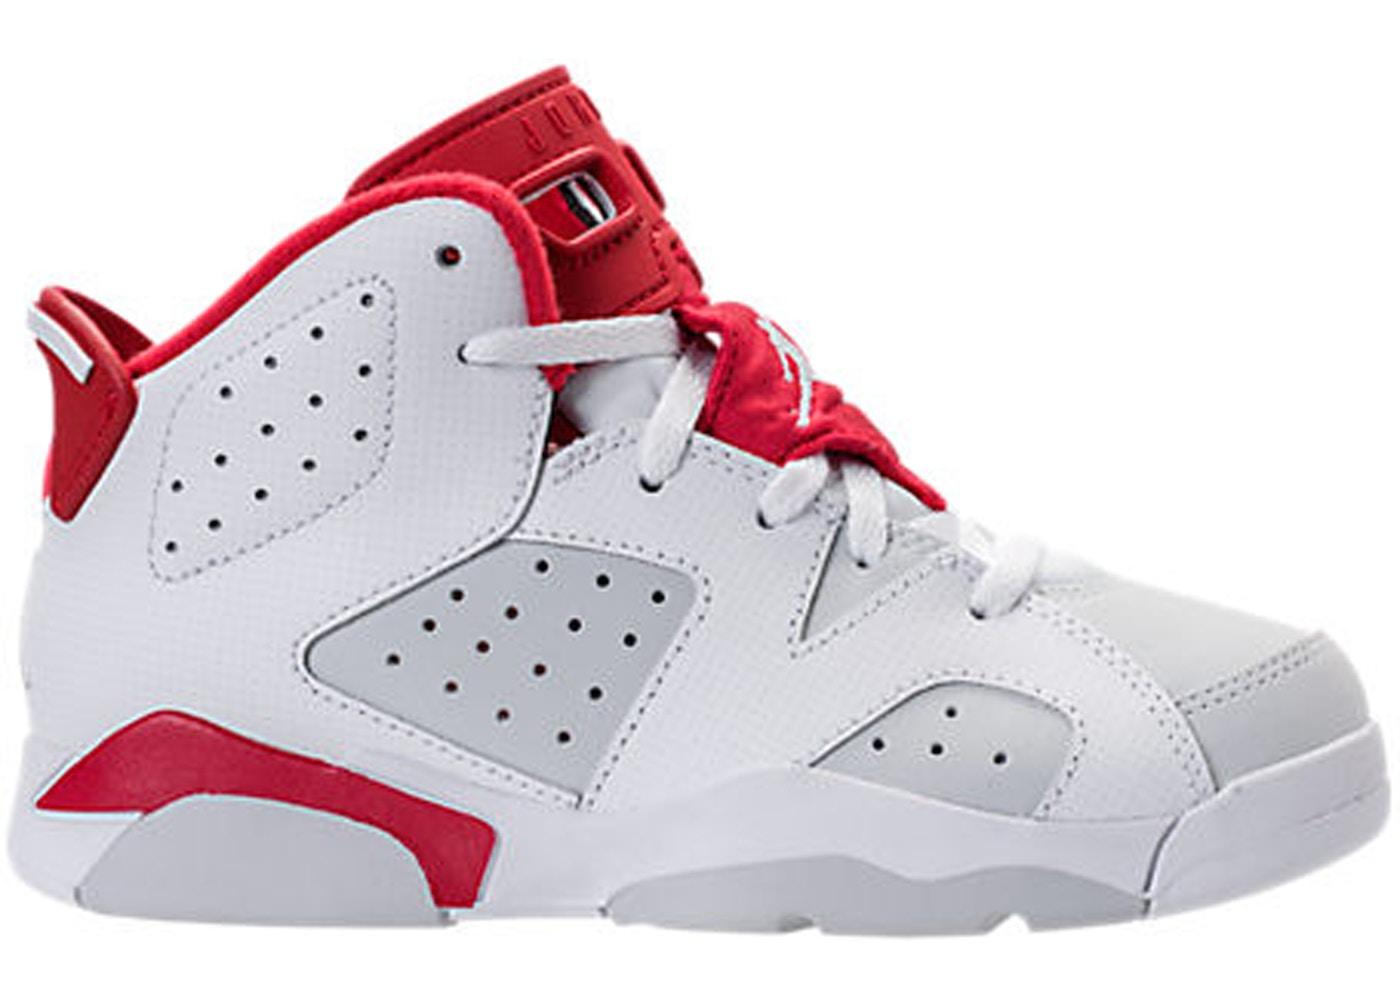 98a9a3acda8 Air Jordan 6 Size 11 Shoes - New Highest Bids